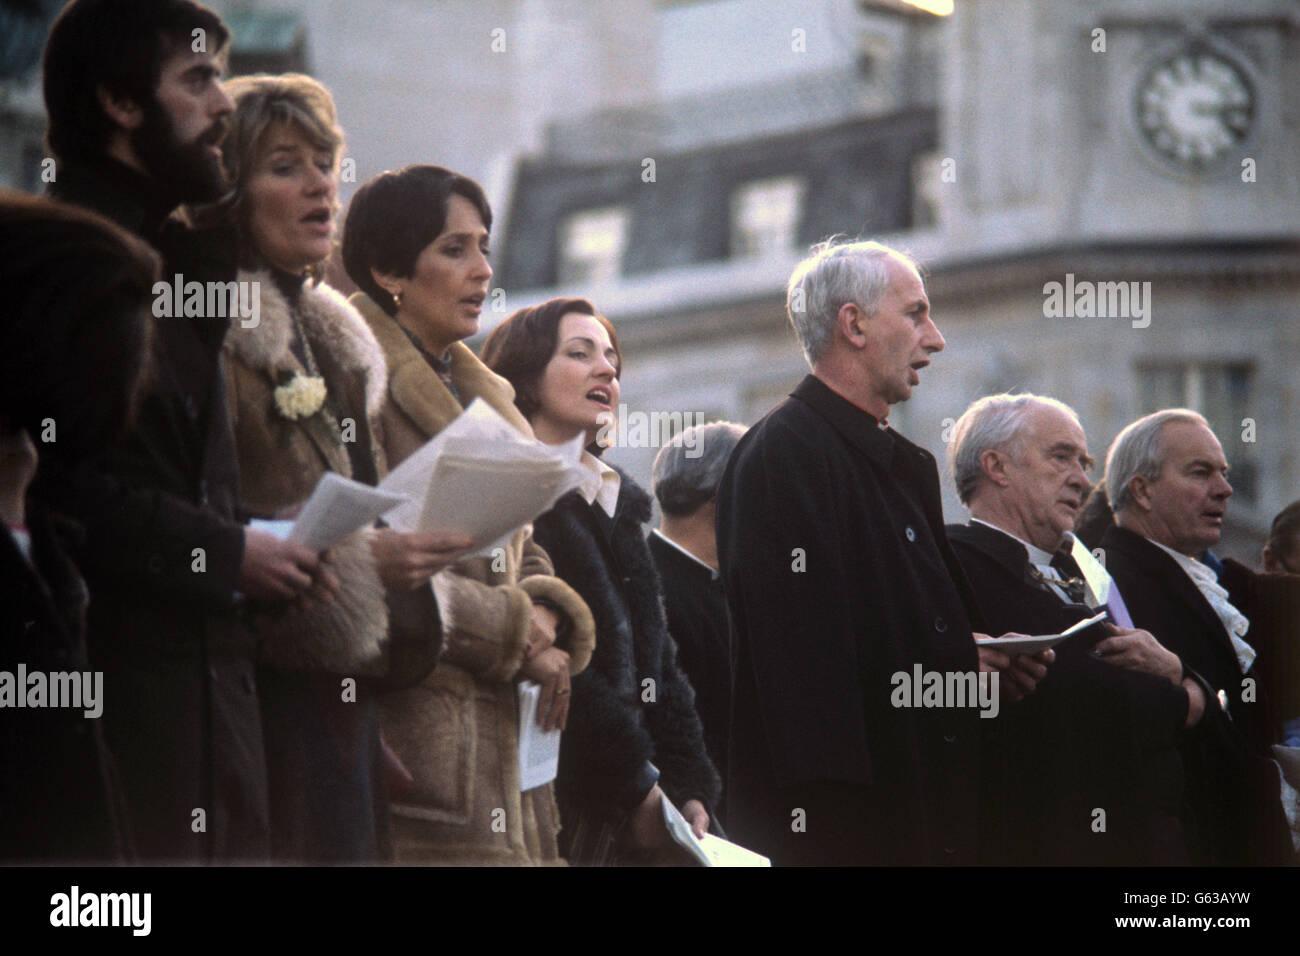 Politique - Le Mouvement de la paix - Troubles de l'Irlande du Nord - Trafalgar Square, Londres Photo Stock